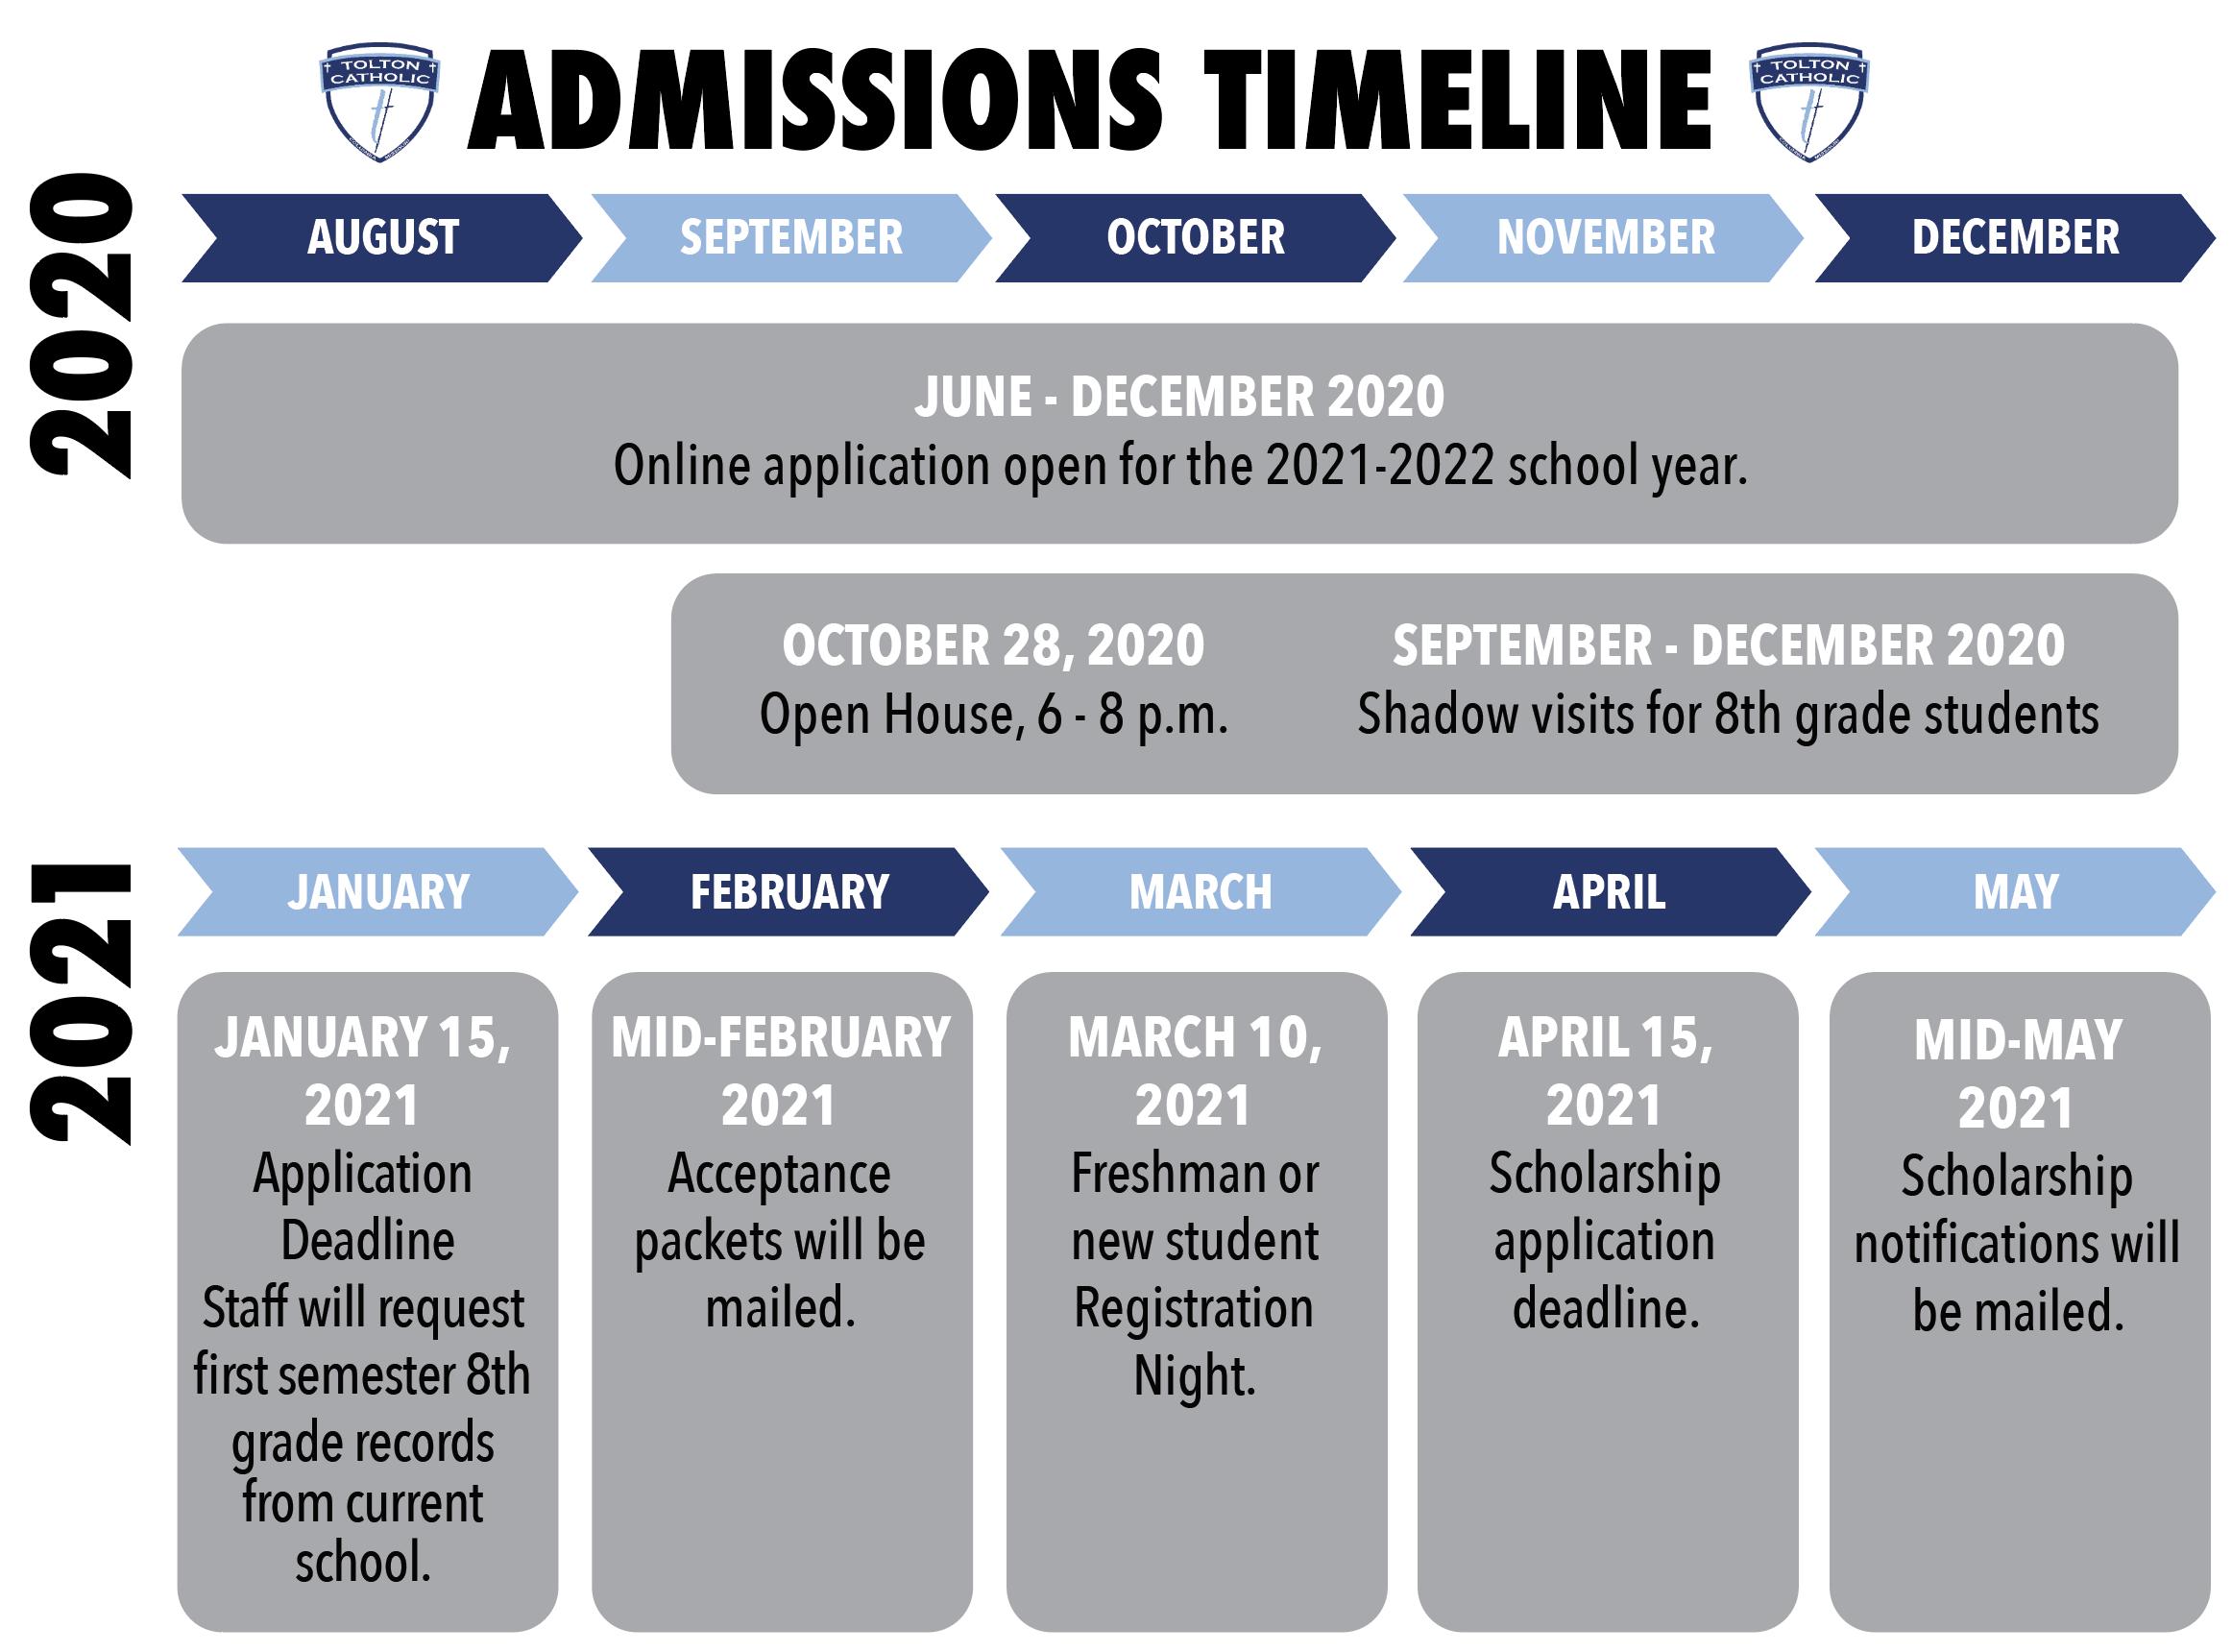 AdmissionsTimeline2021